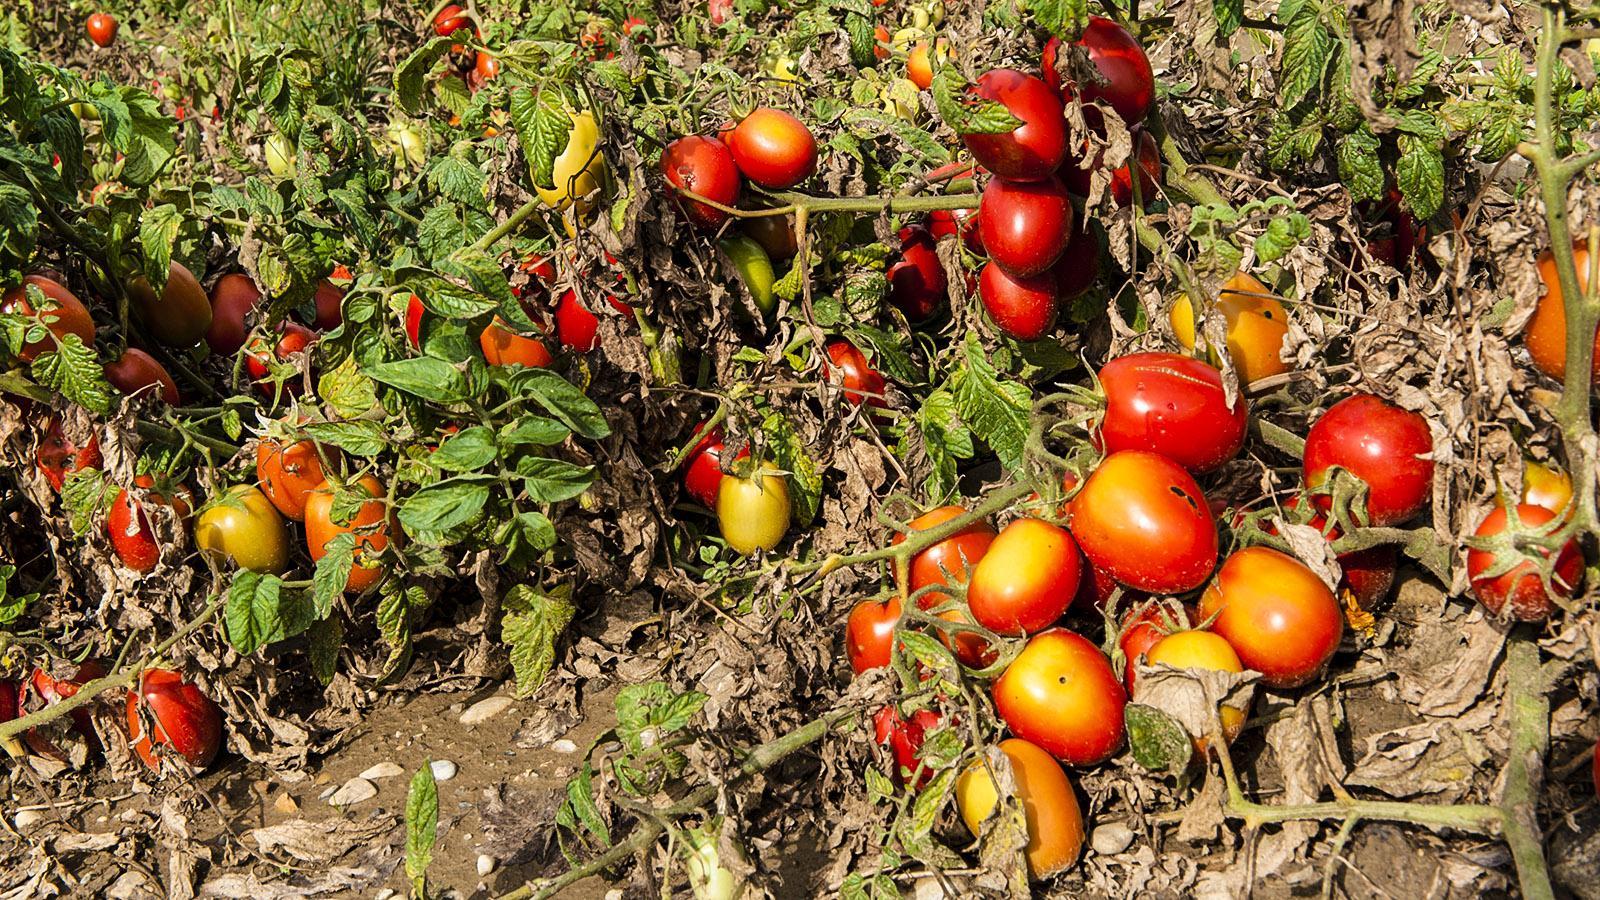 Paradefrucht im Potager: die Tomate. Tomaten. 10.000 Sorten gibt es weltweit. Foto: Hilke Maunder